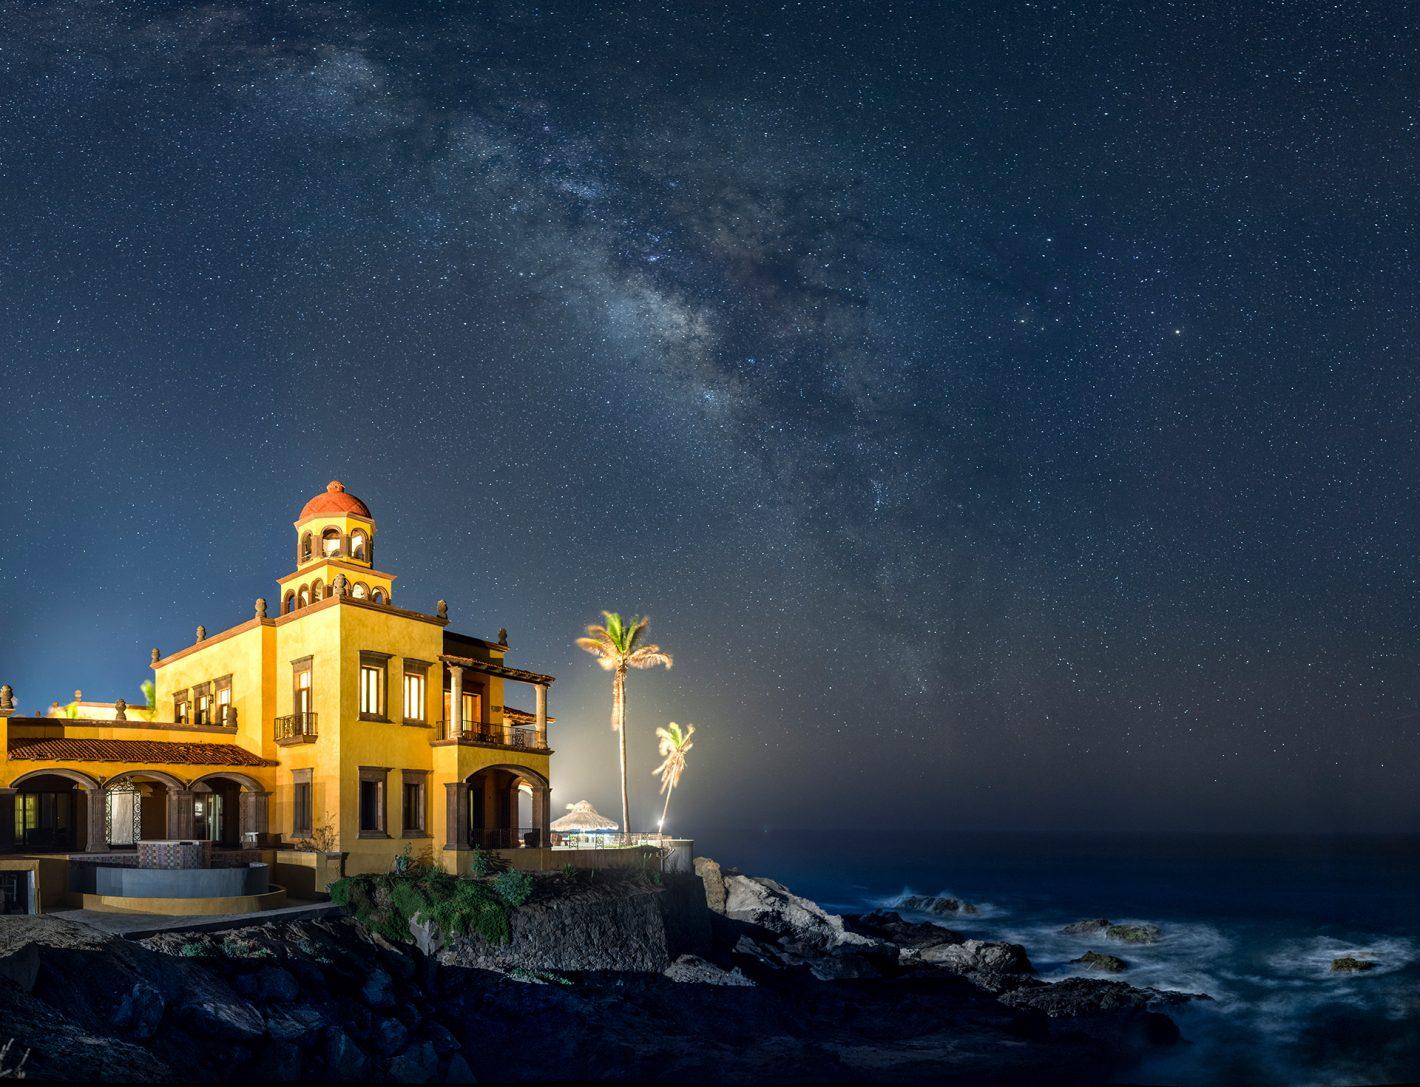 Nikon Plaza : Photo NightScape Awards, une nuit sous les étoiles